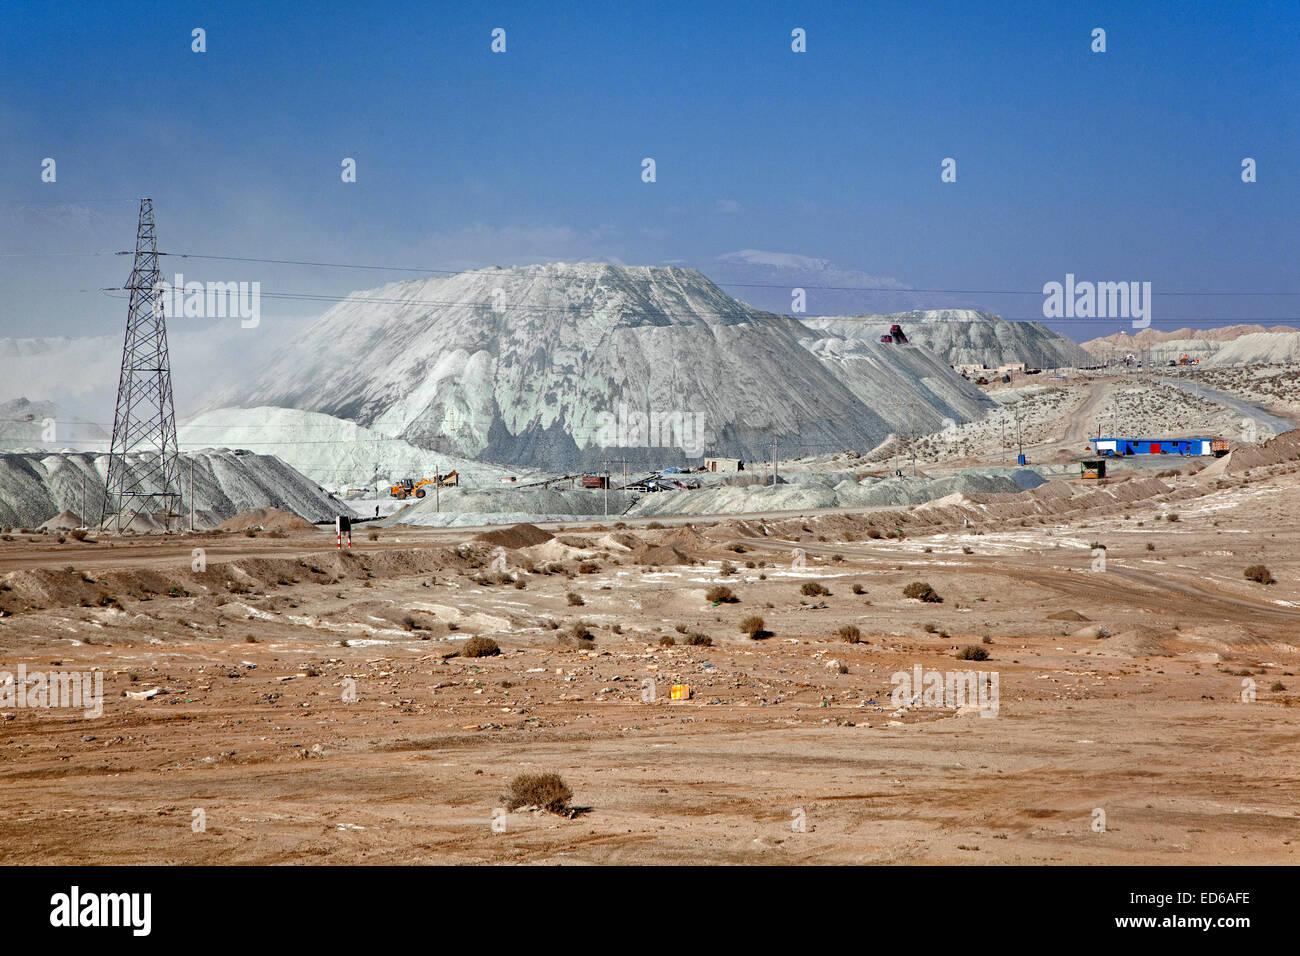 Shimiankuang surface-level asbestos mine at Yitunbulake in the Taklamakan Desert, Qinghai / Tsinghai Province, China - Stock Image